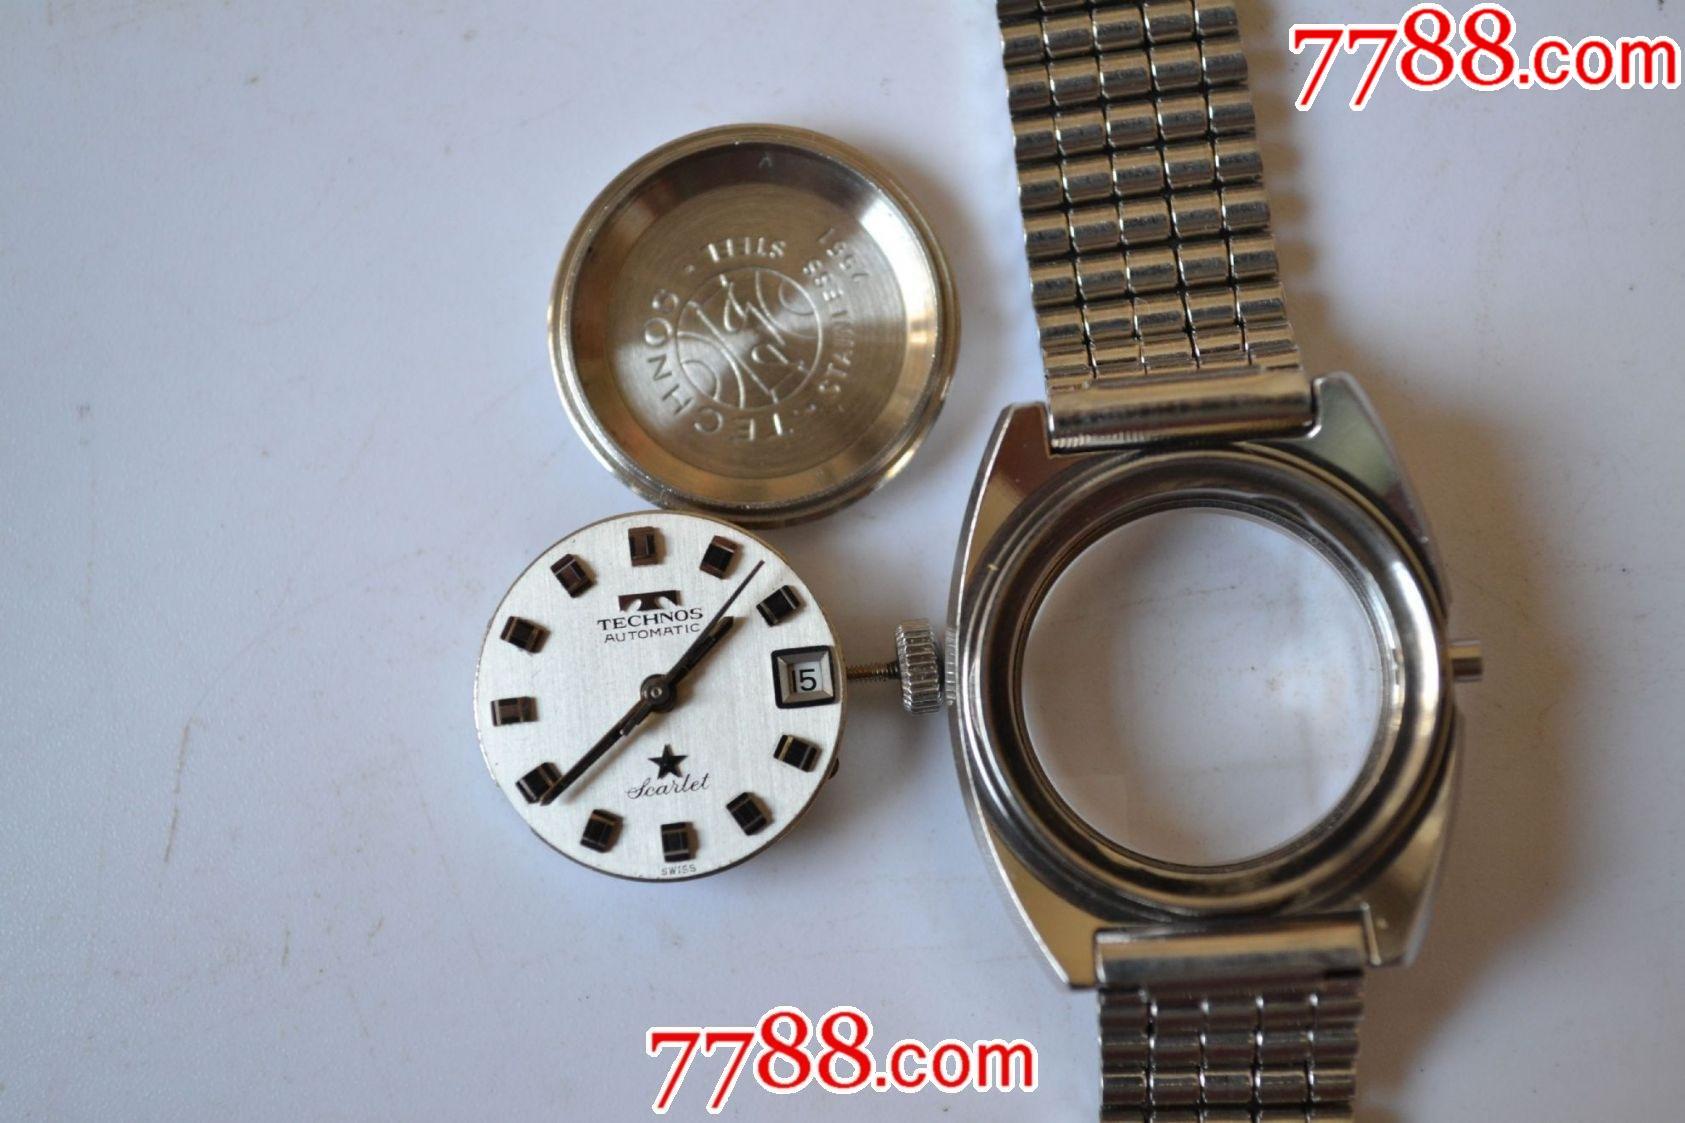 美品瑞士產天克諾牌全自動機械女表(銀肚臍后蓋、eta2551機芯)_價格269元_第10張_